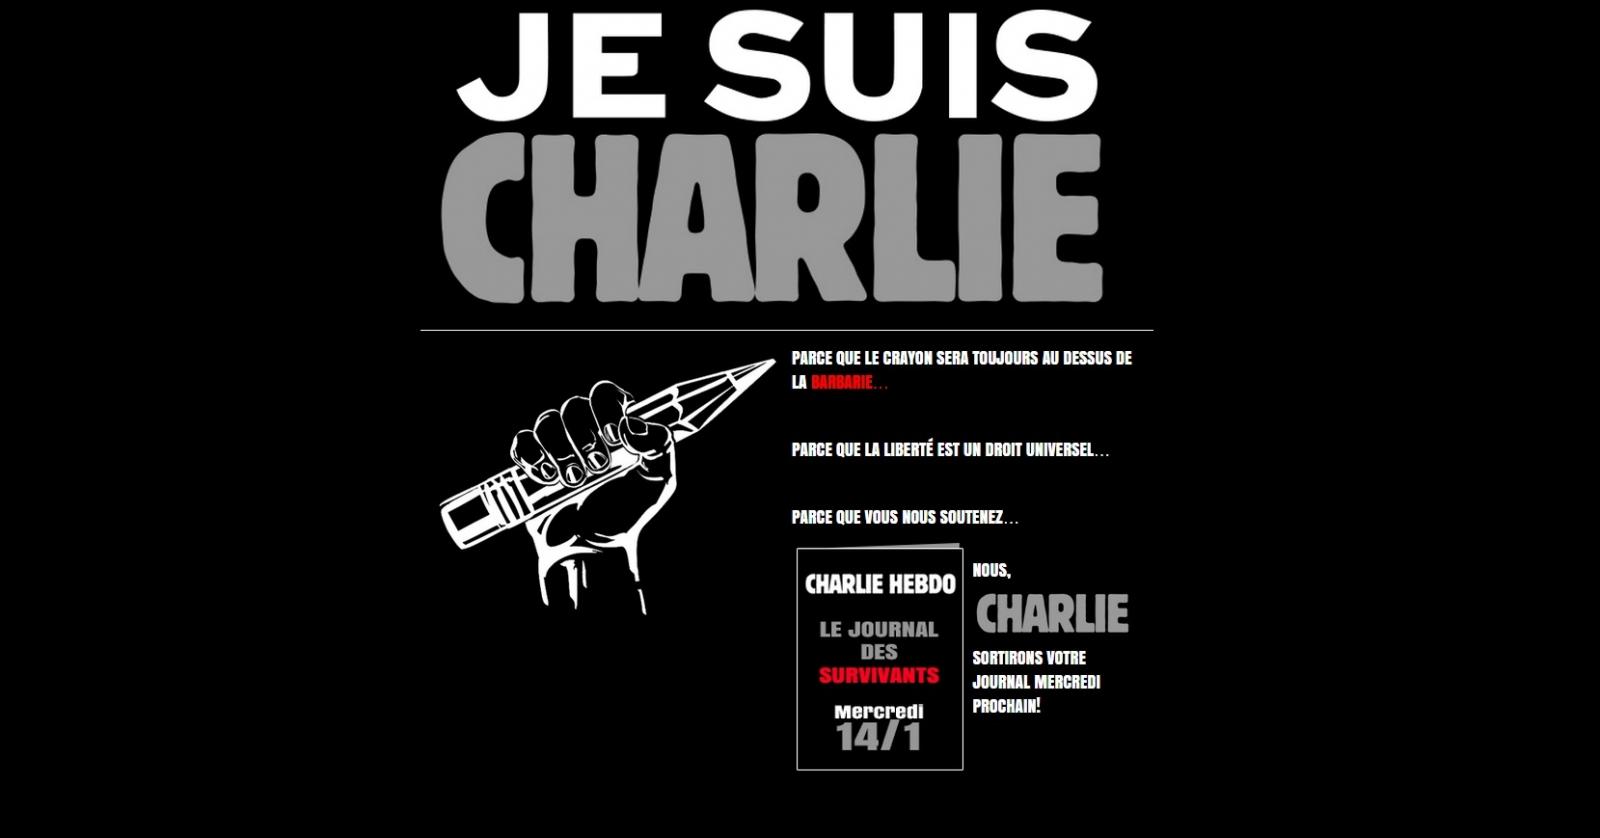 Charlie Hebdo Survivors' edition cover: Prophet Muhammed holding #JeSuisCharlie